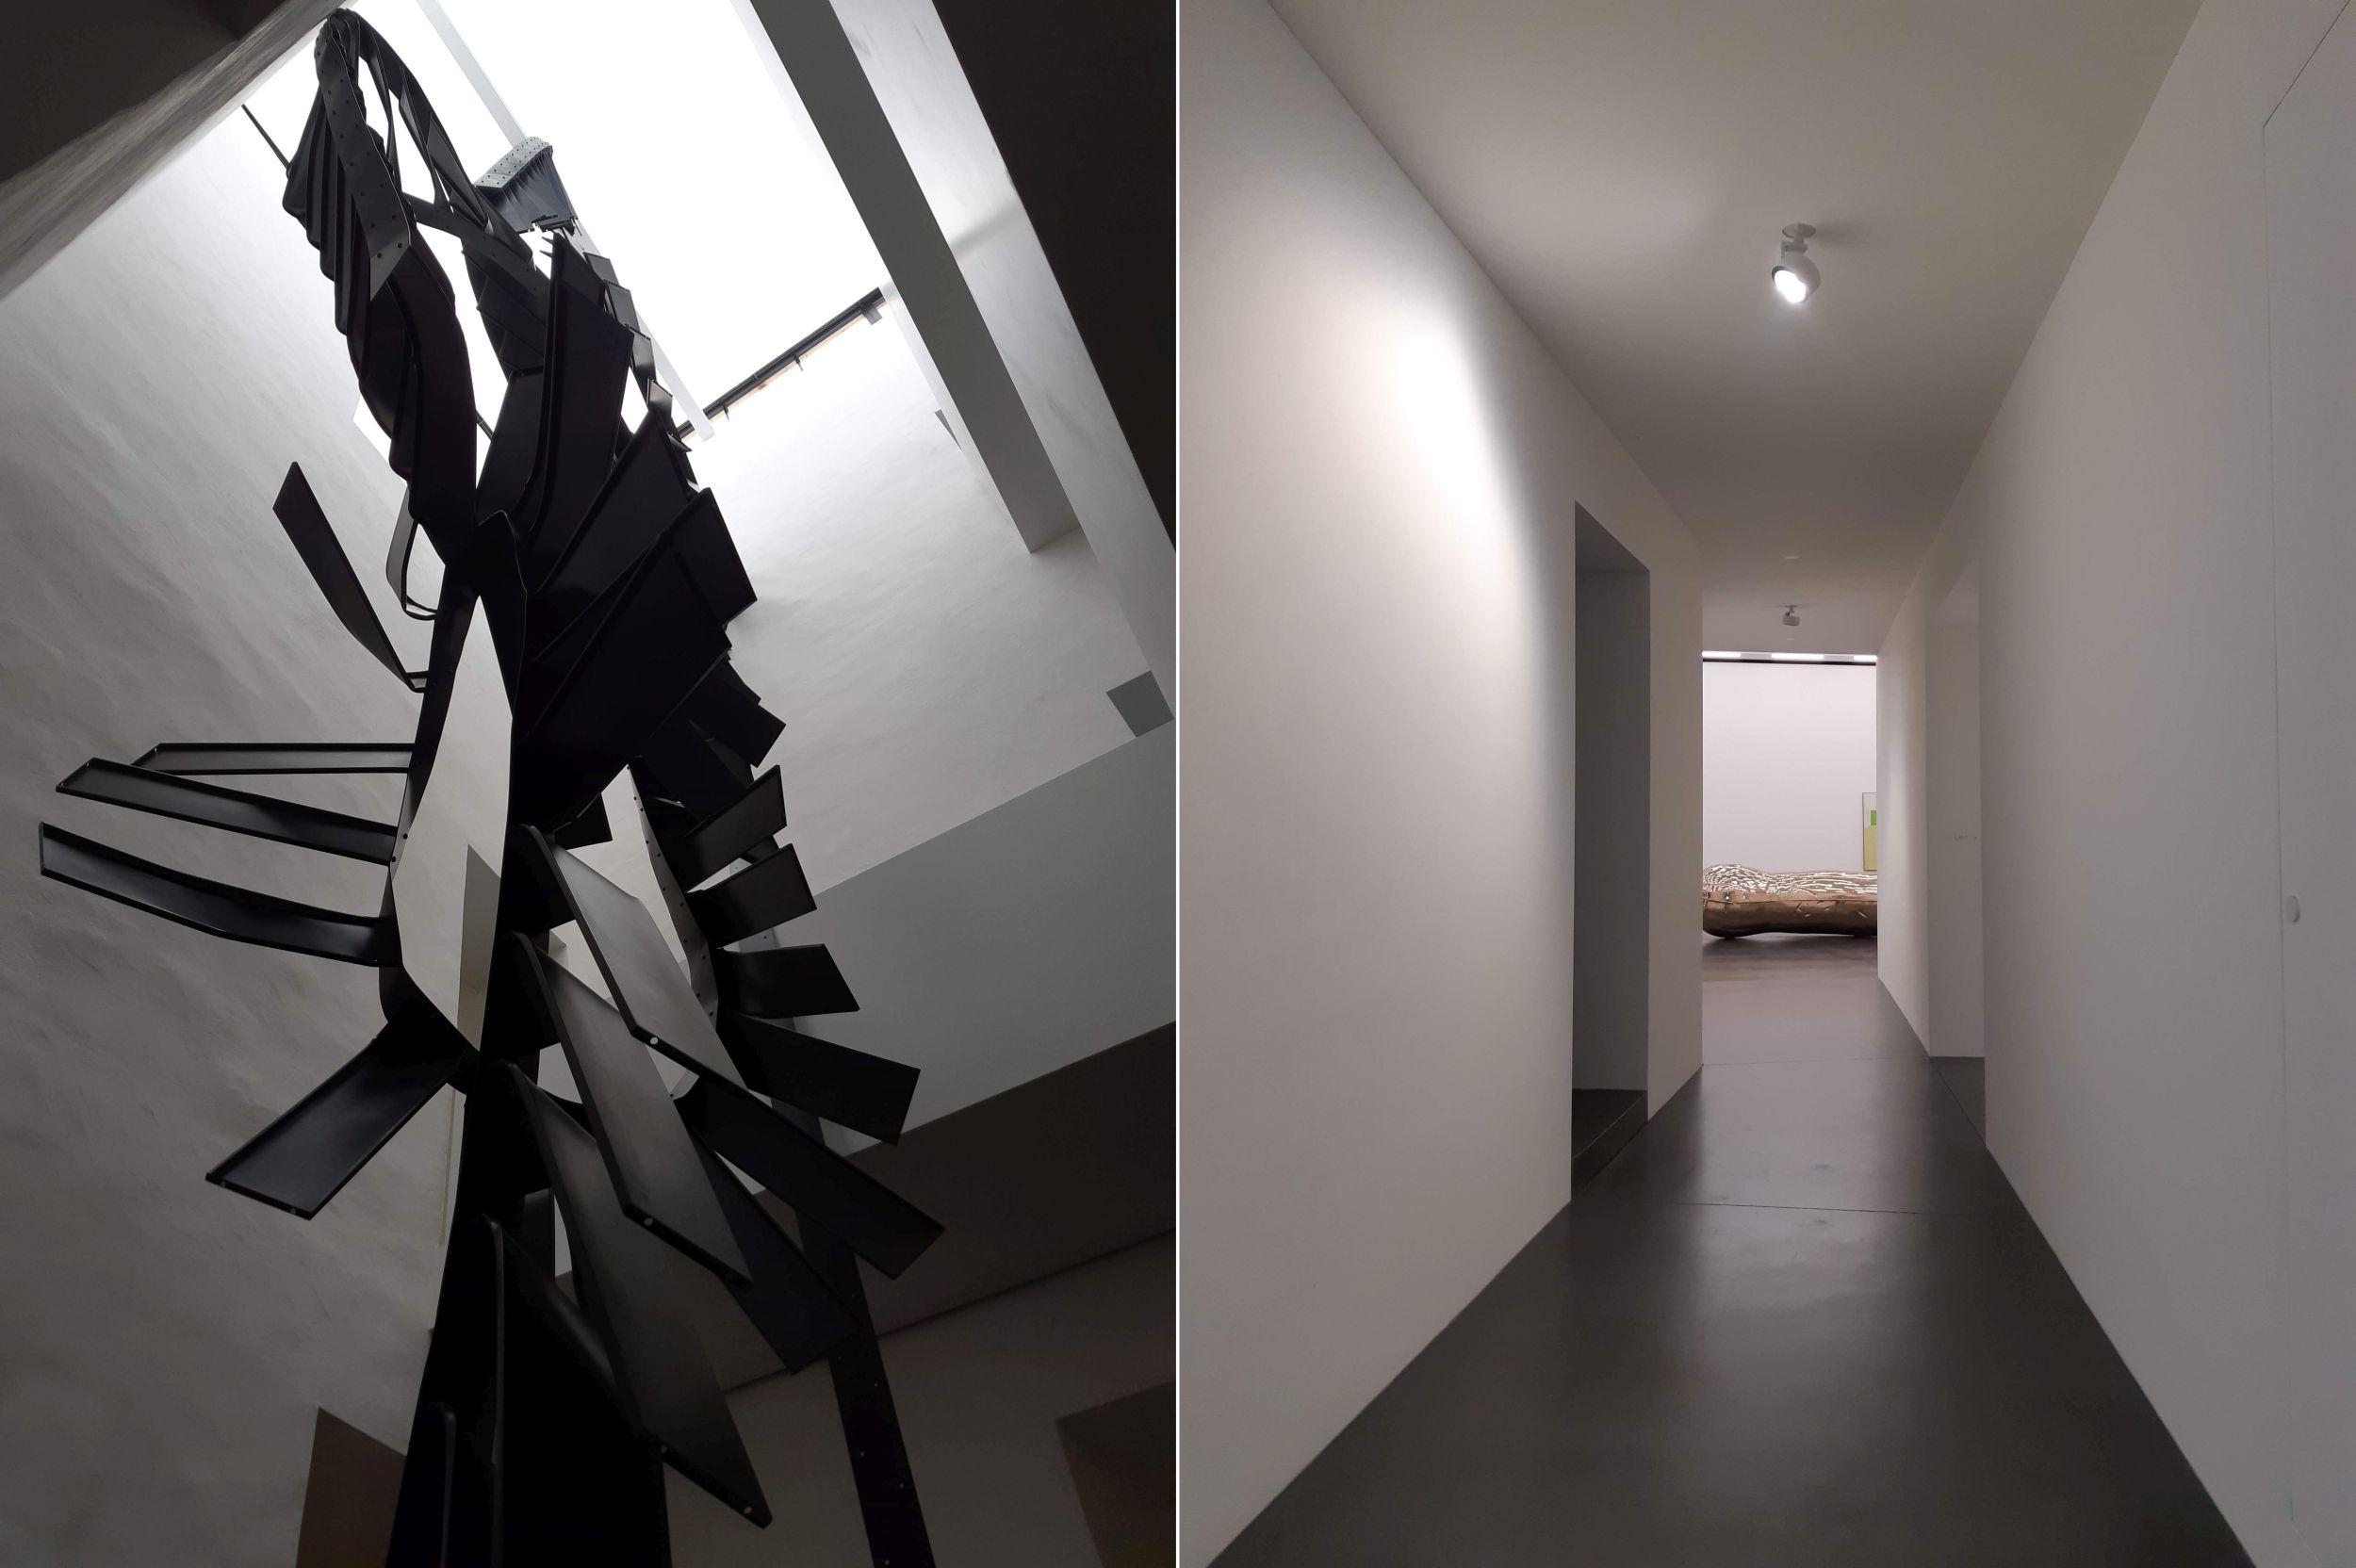 Muzeum Susch. Po lewej 14-metrowa rzeźba Moniki Sosnowskiej, którą można oglądać z czterech poziomów i z każdego wygląda inaczej